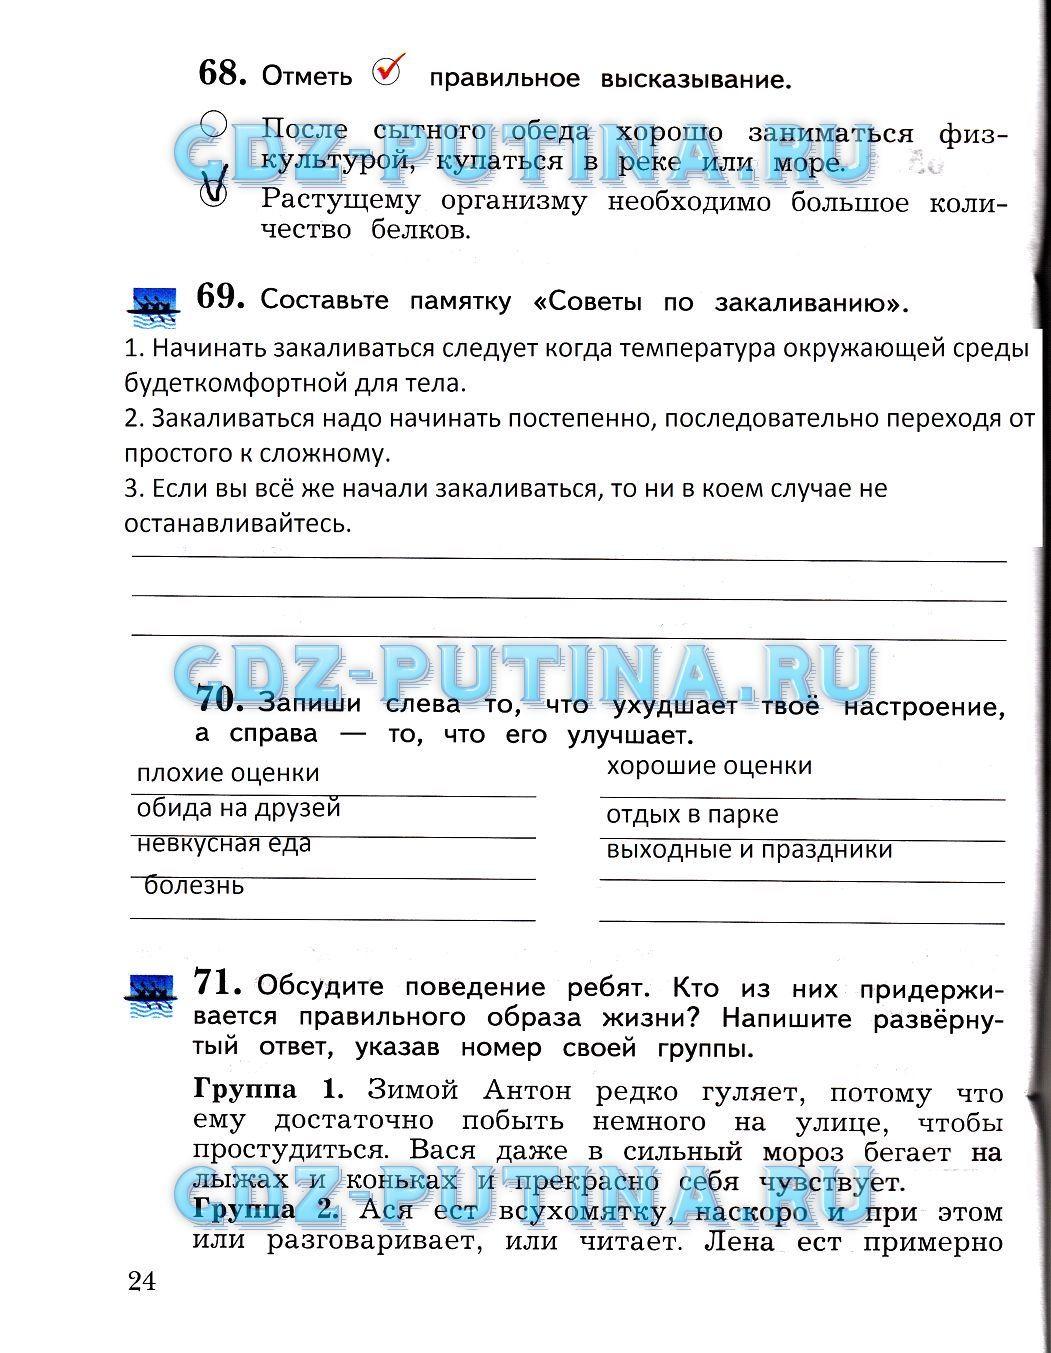 Гдз по русскому бесплатно м.т.баранов класс без регистрации